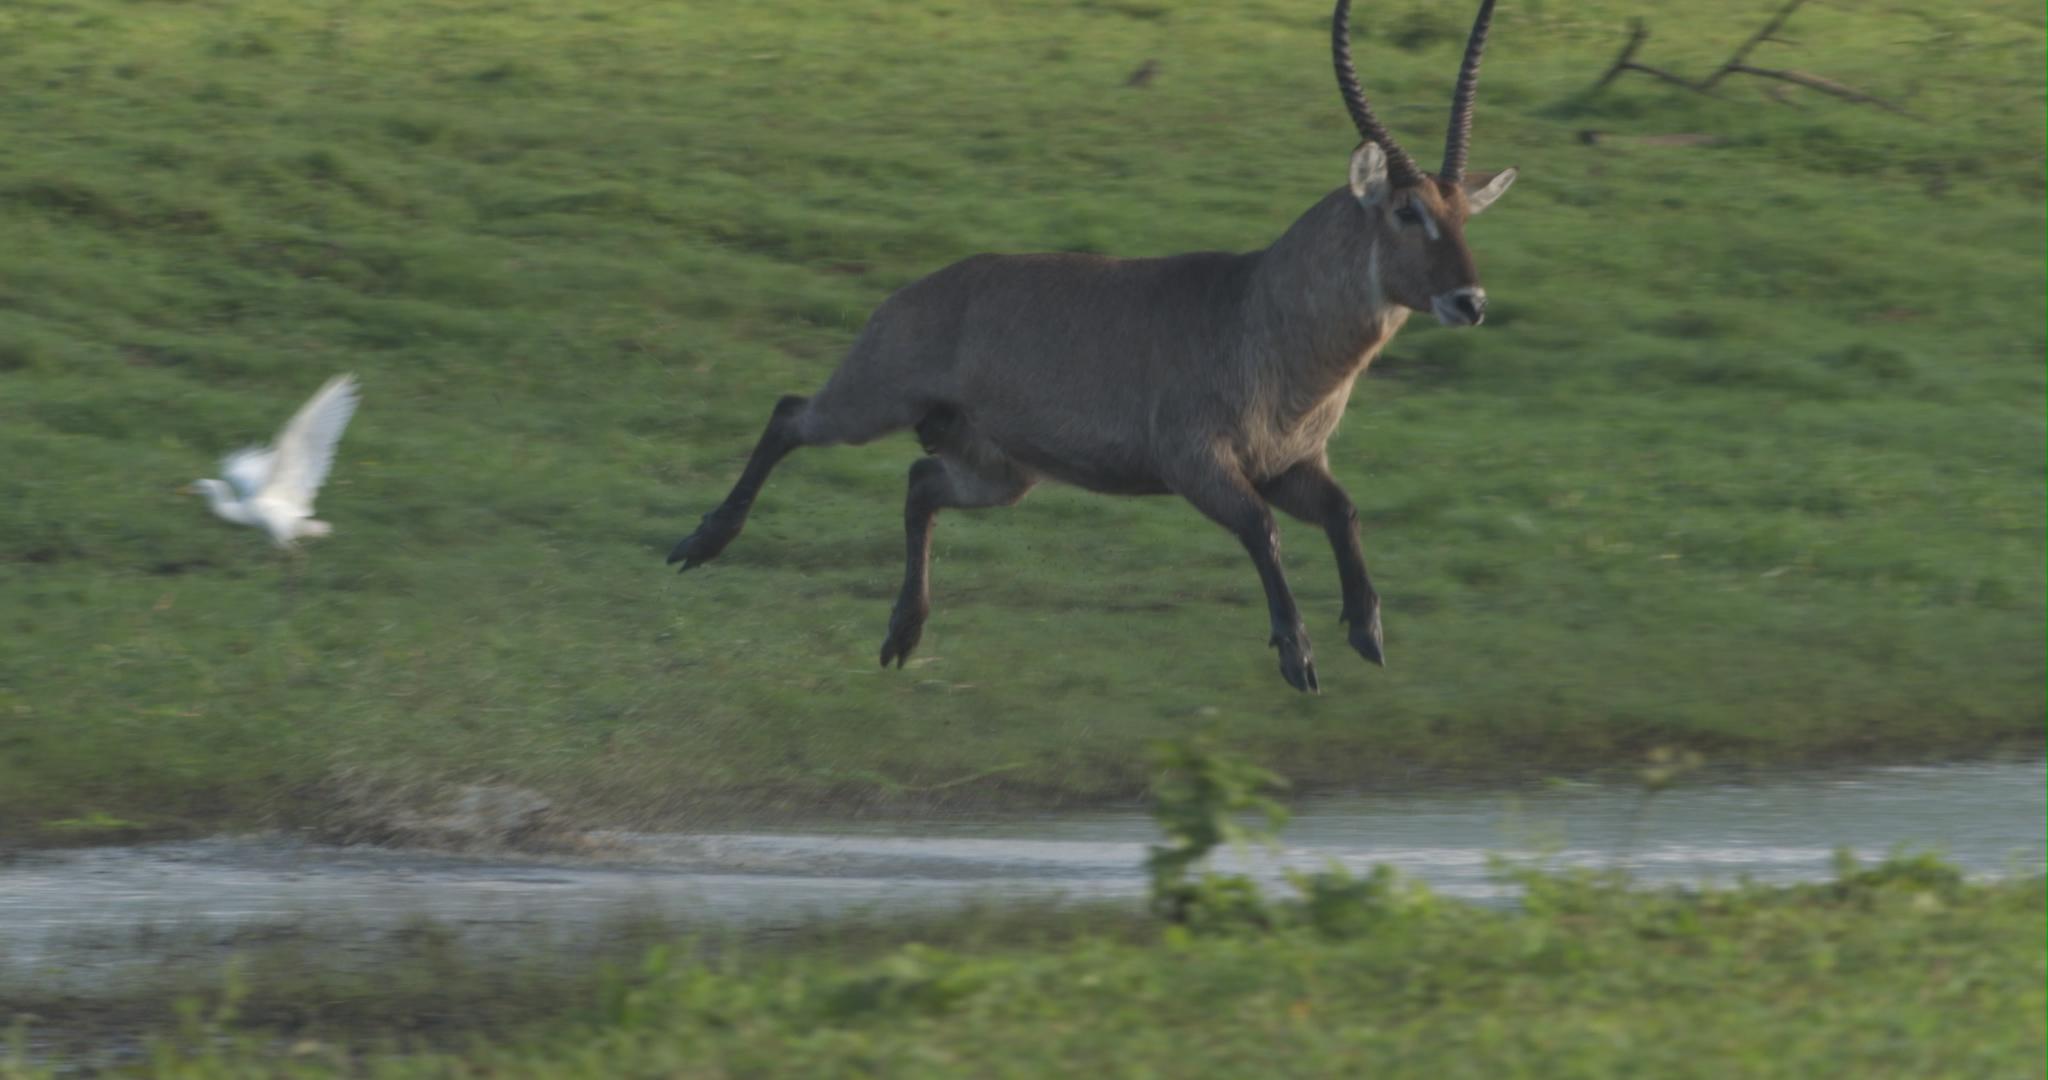 jumping waterbuck.jpg